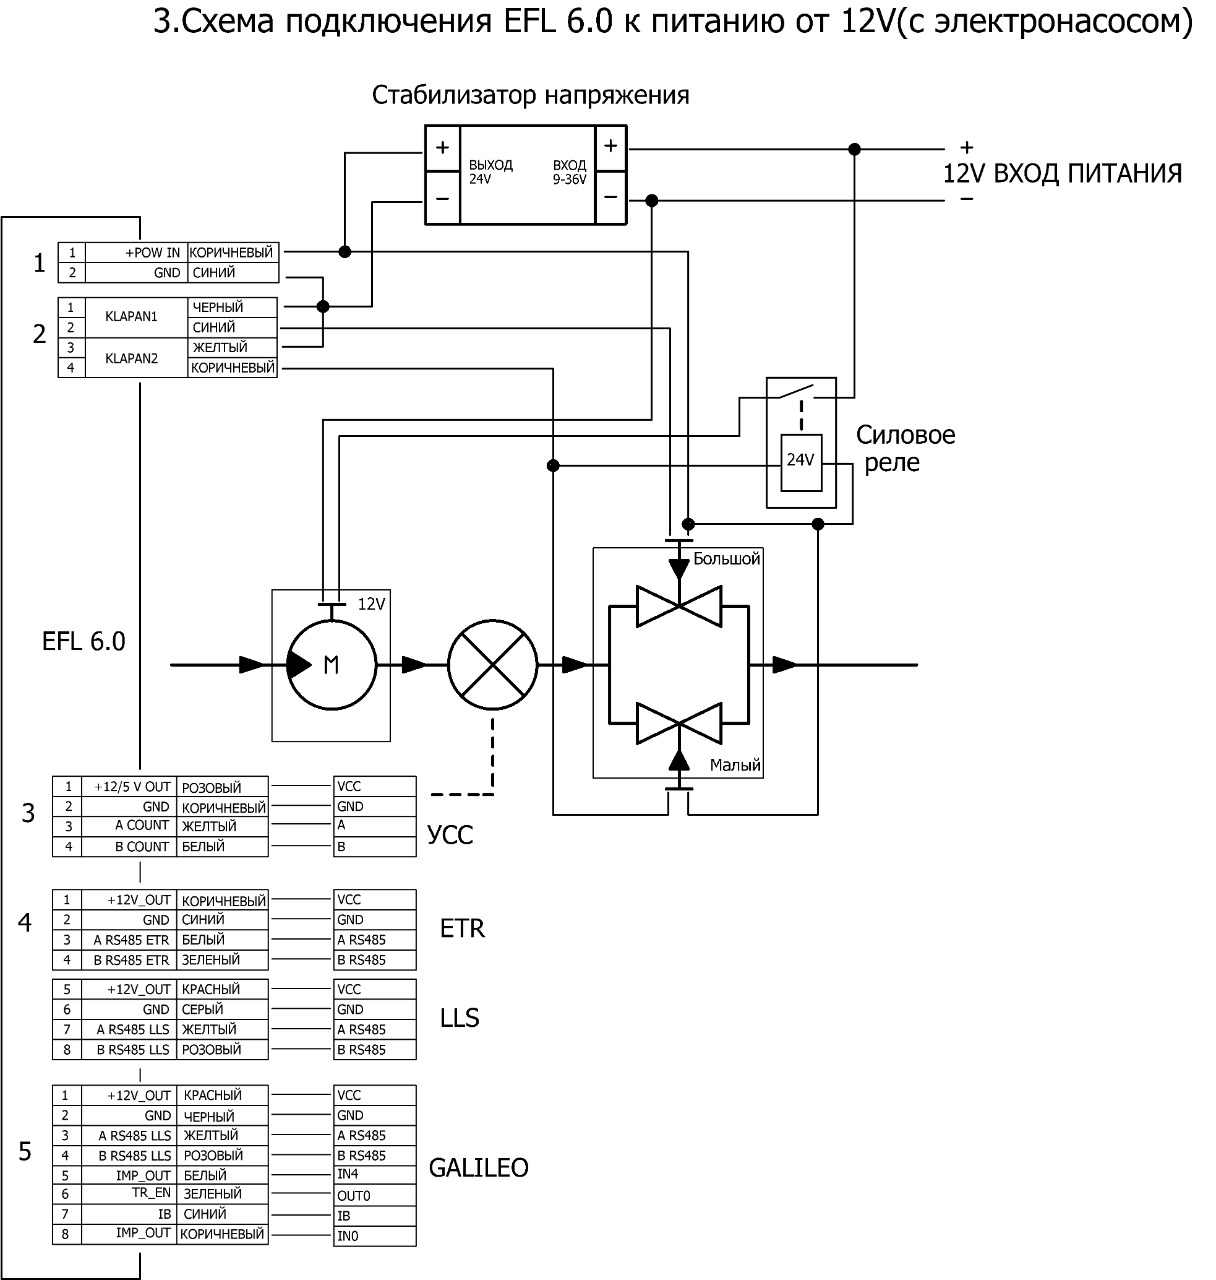 Топливораздаточный модуль EFL 6.0